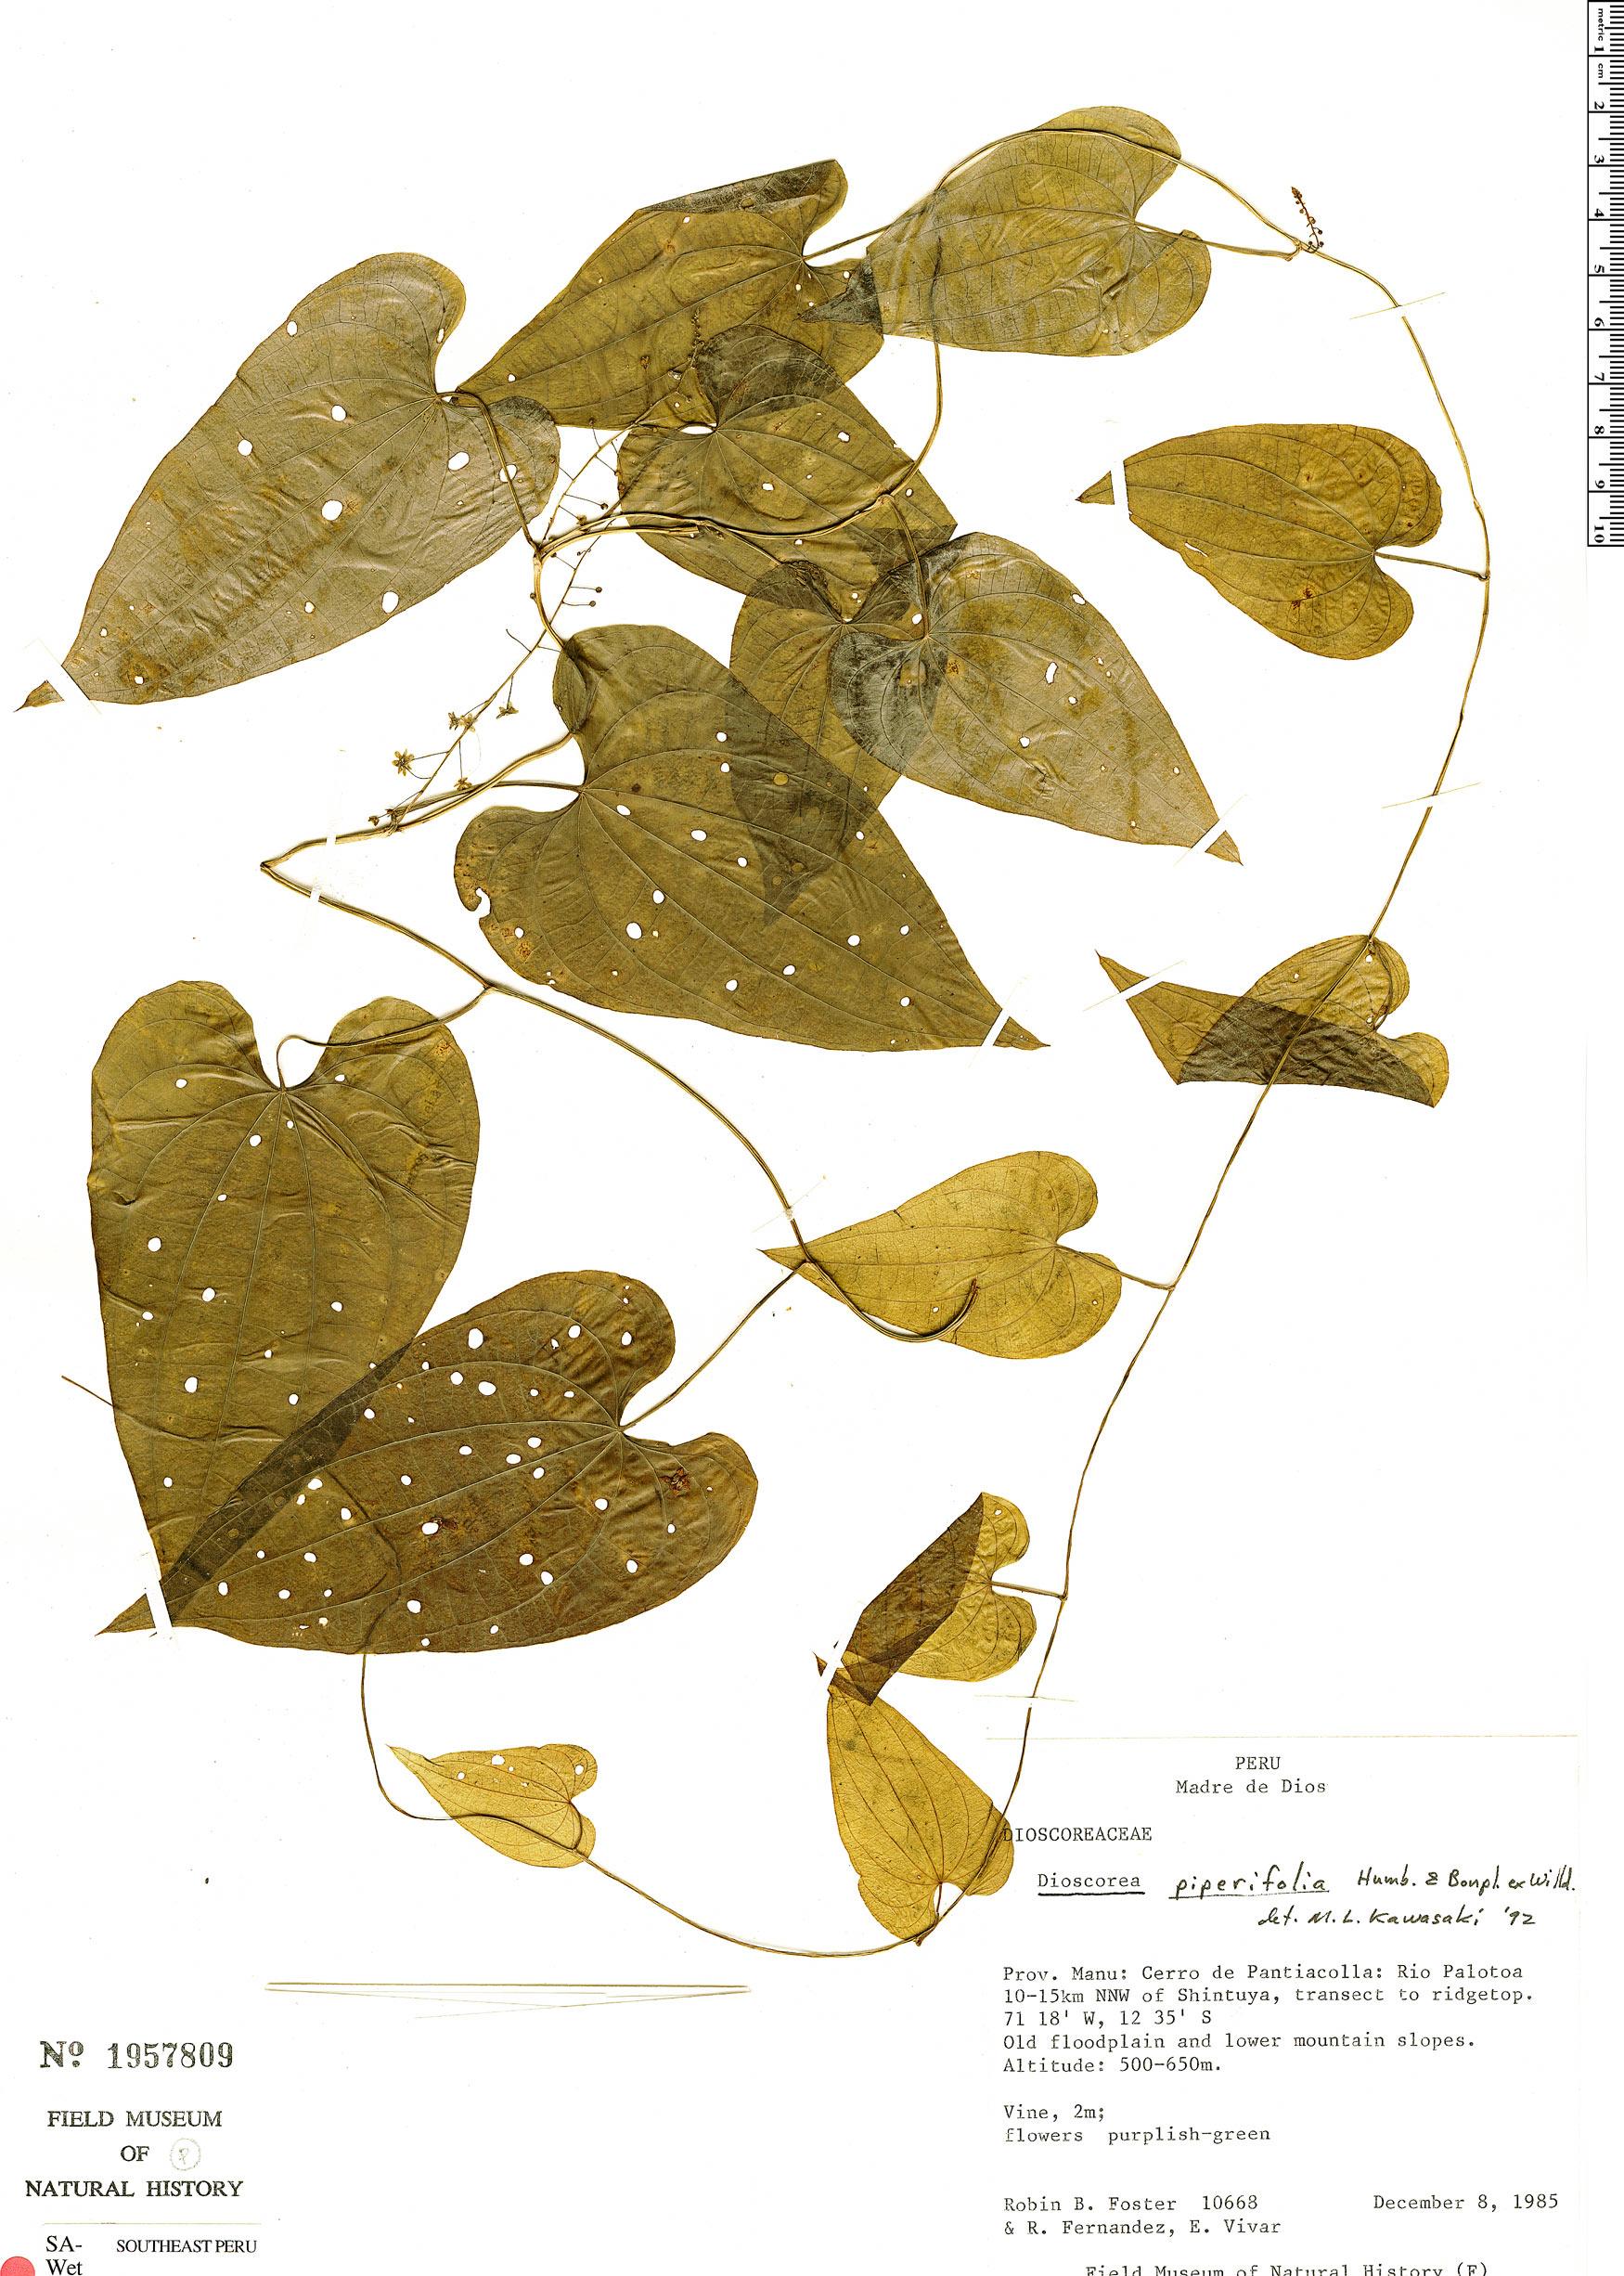 Specimen: Dioscorea piperifolia